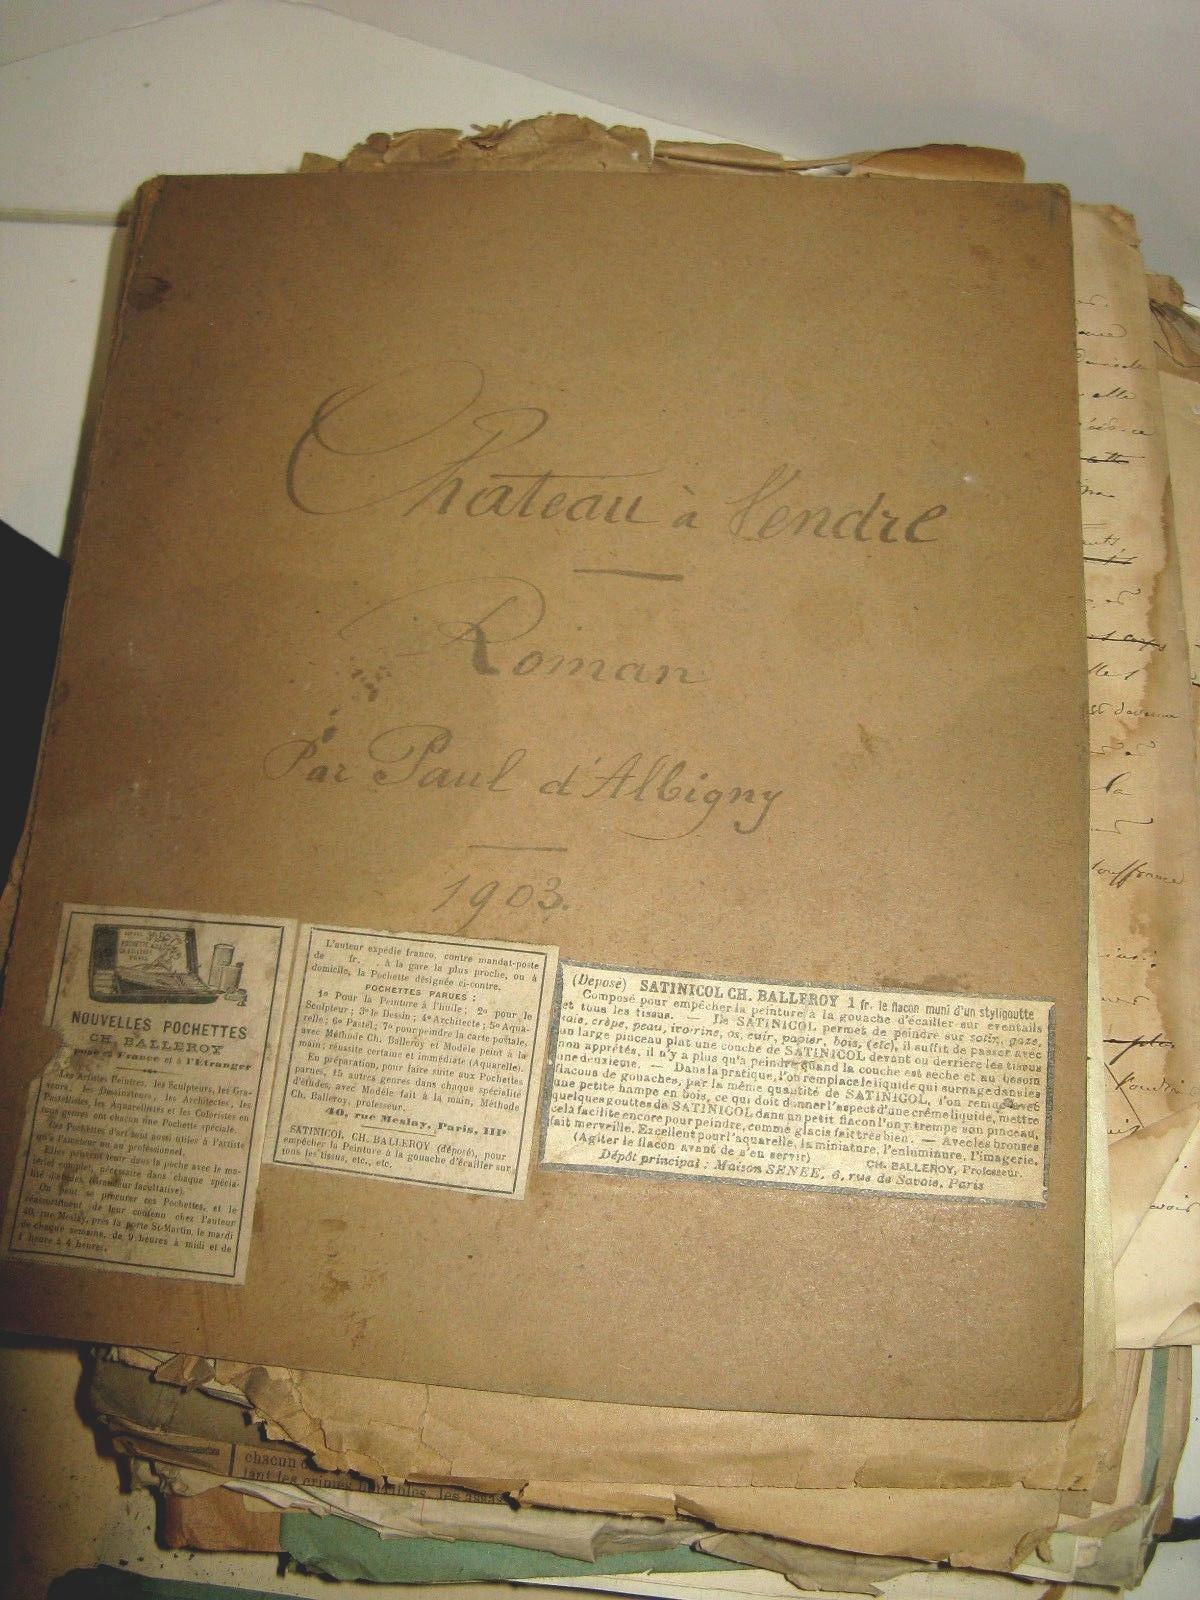 La bouquinerie albigny manuscrit chateau a vendre for Auberge maison rouge annemasse